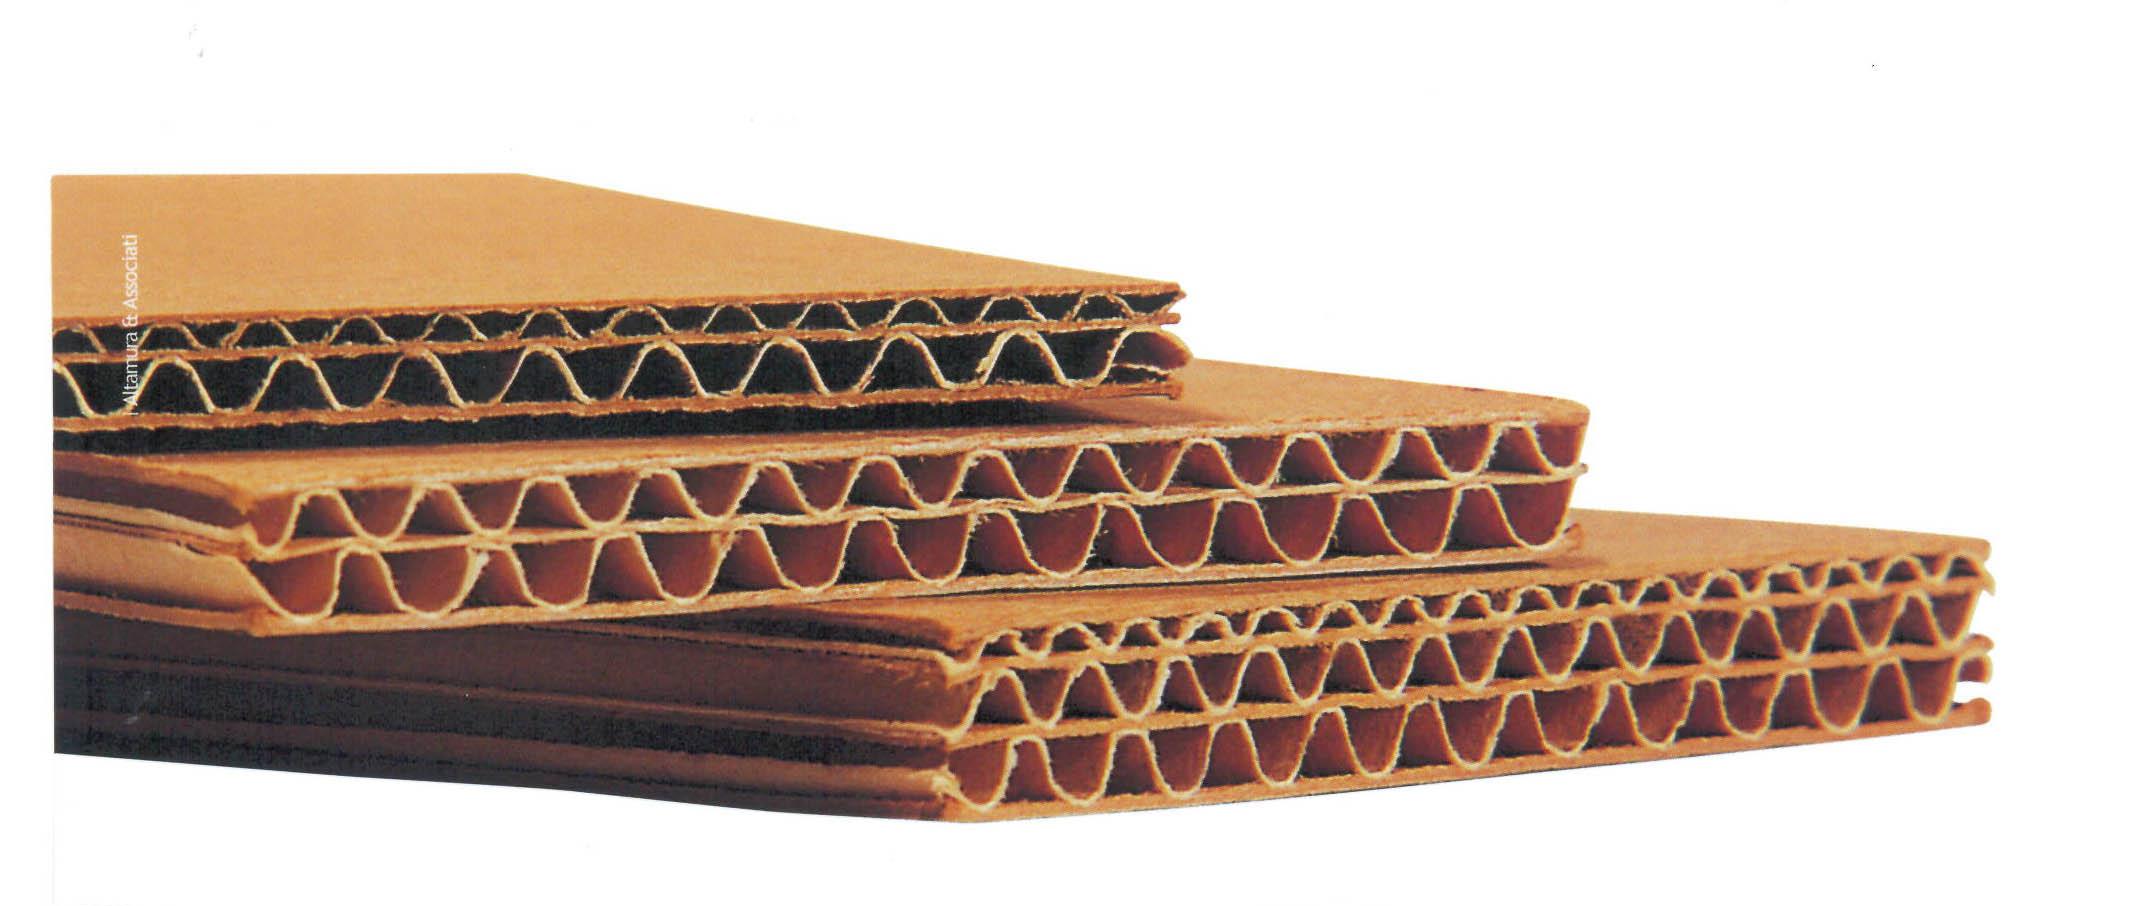 Europac diventa il quarto fornitore di imballaggio in for Pannelli di cartone